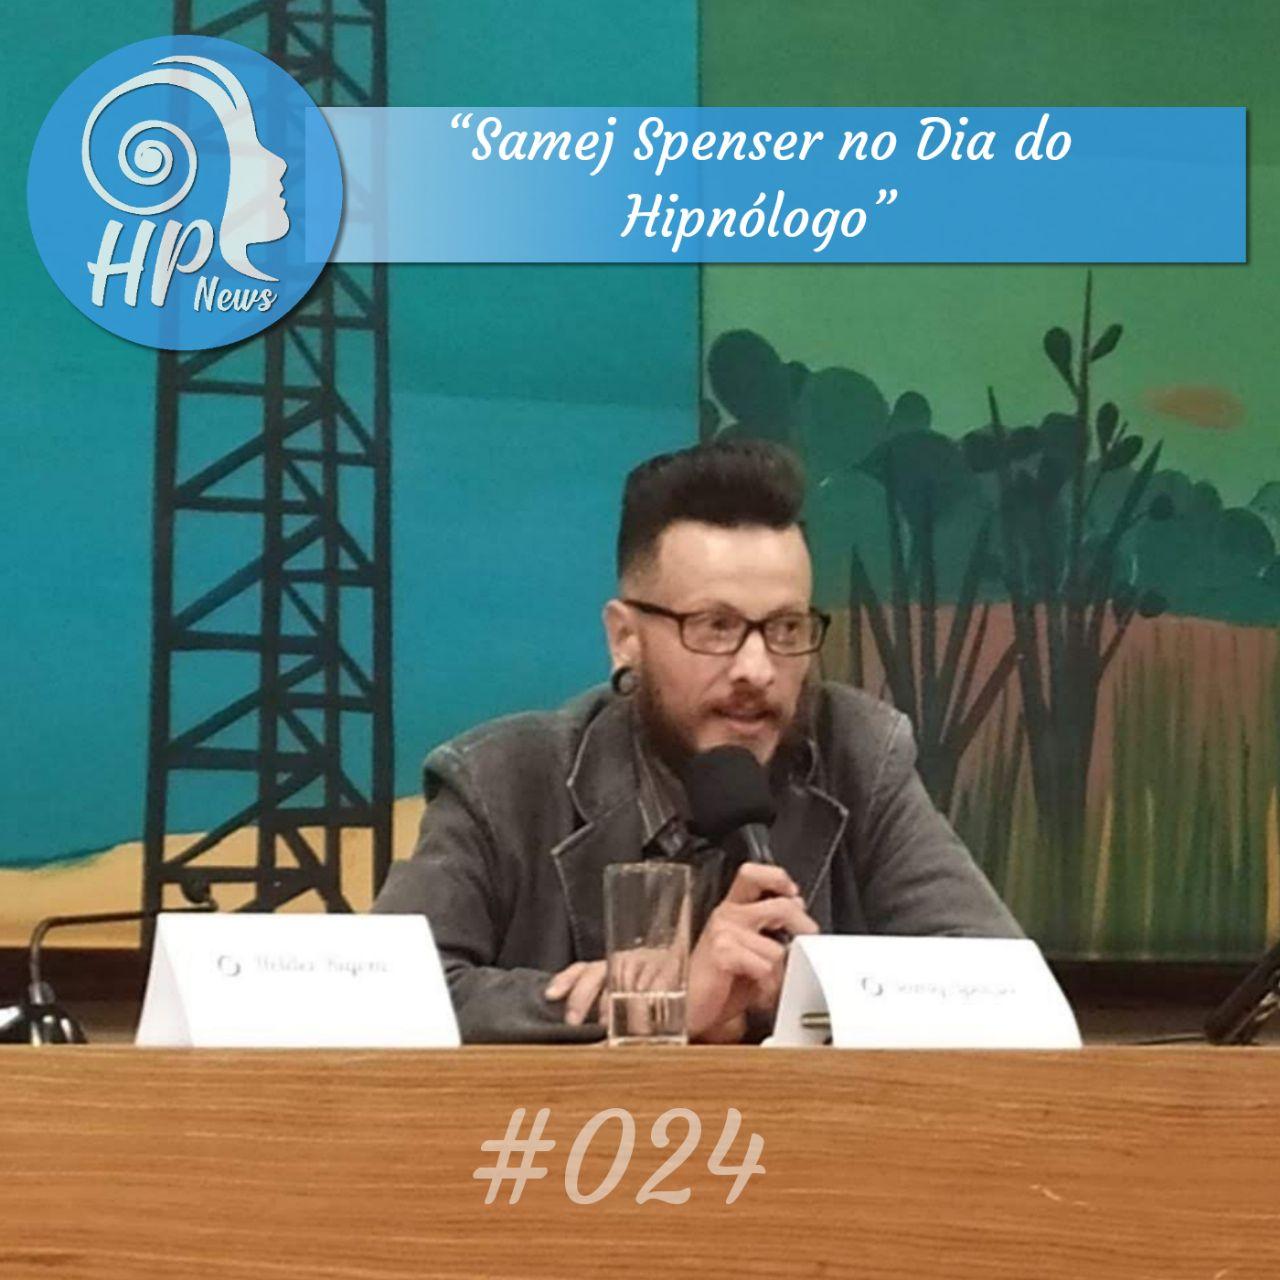 HP News 024 - Samej Spenser no Dia do Hipnólogo